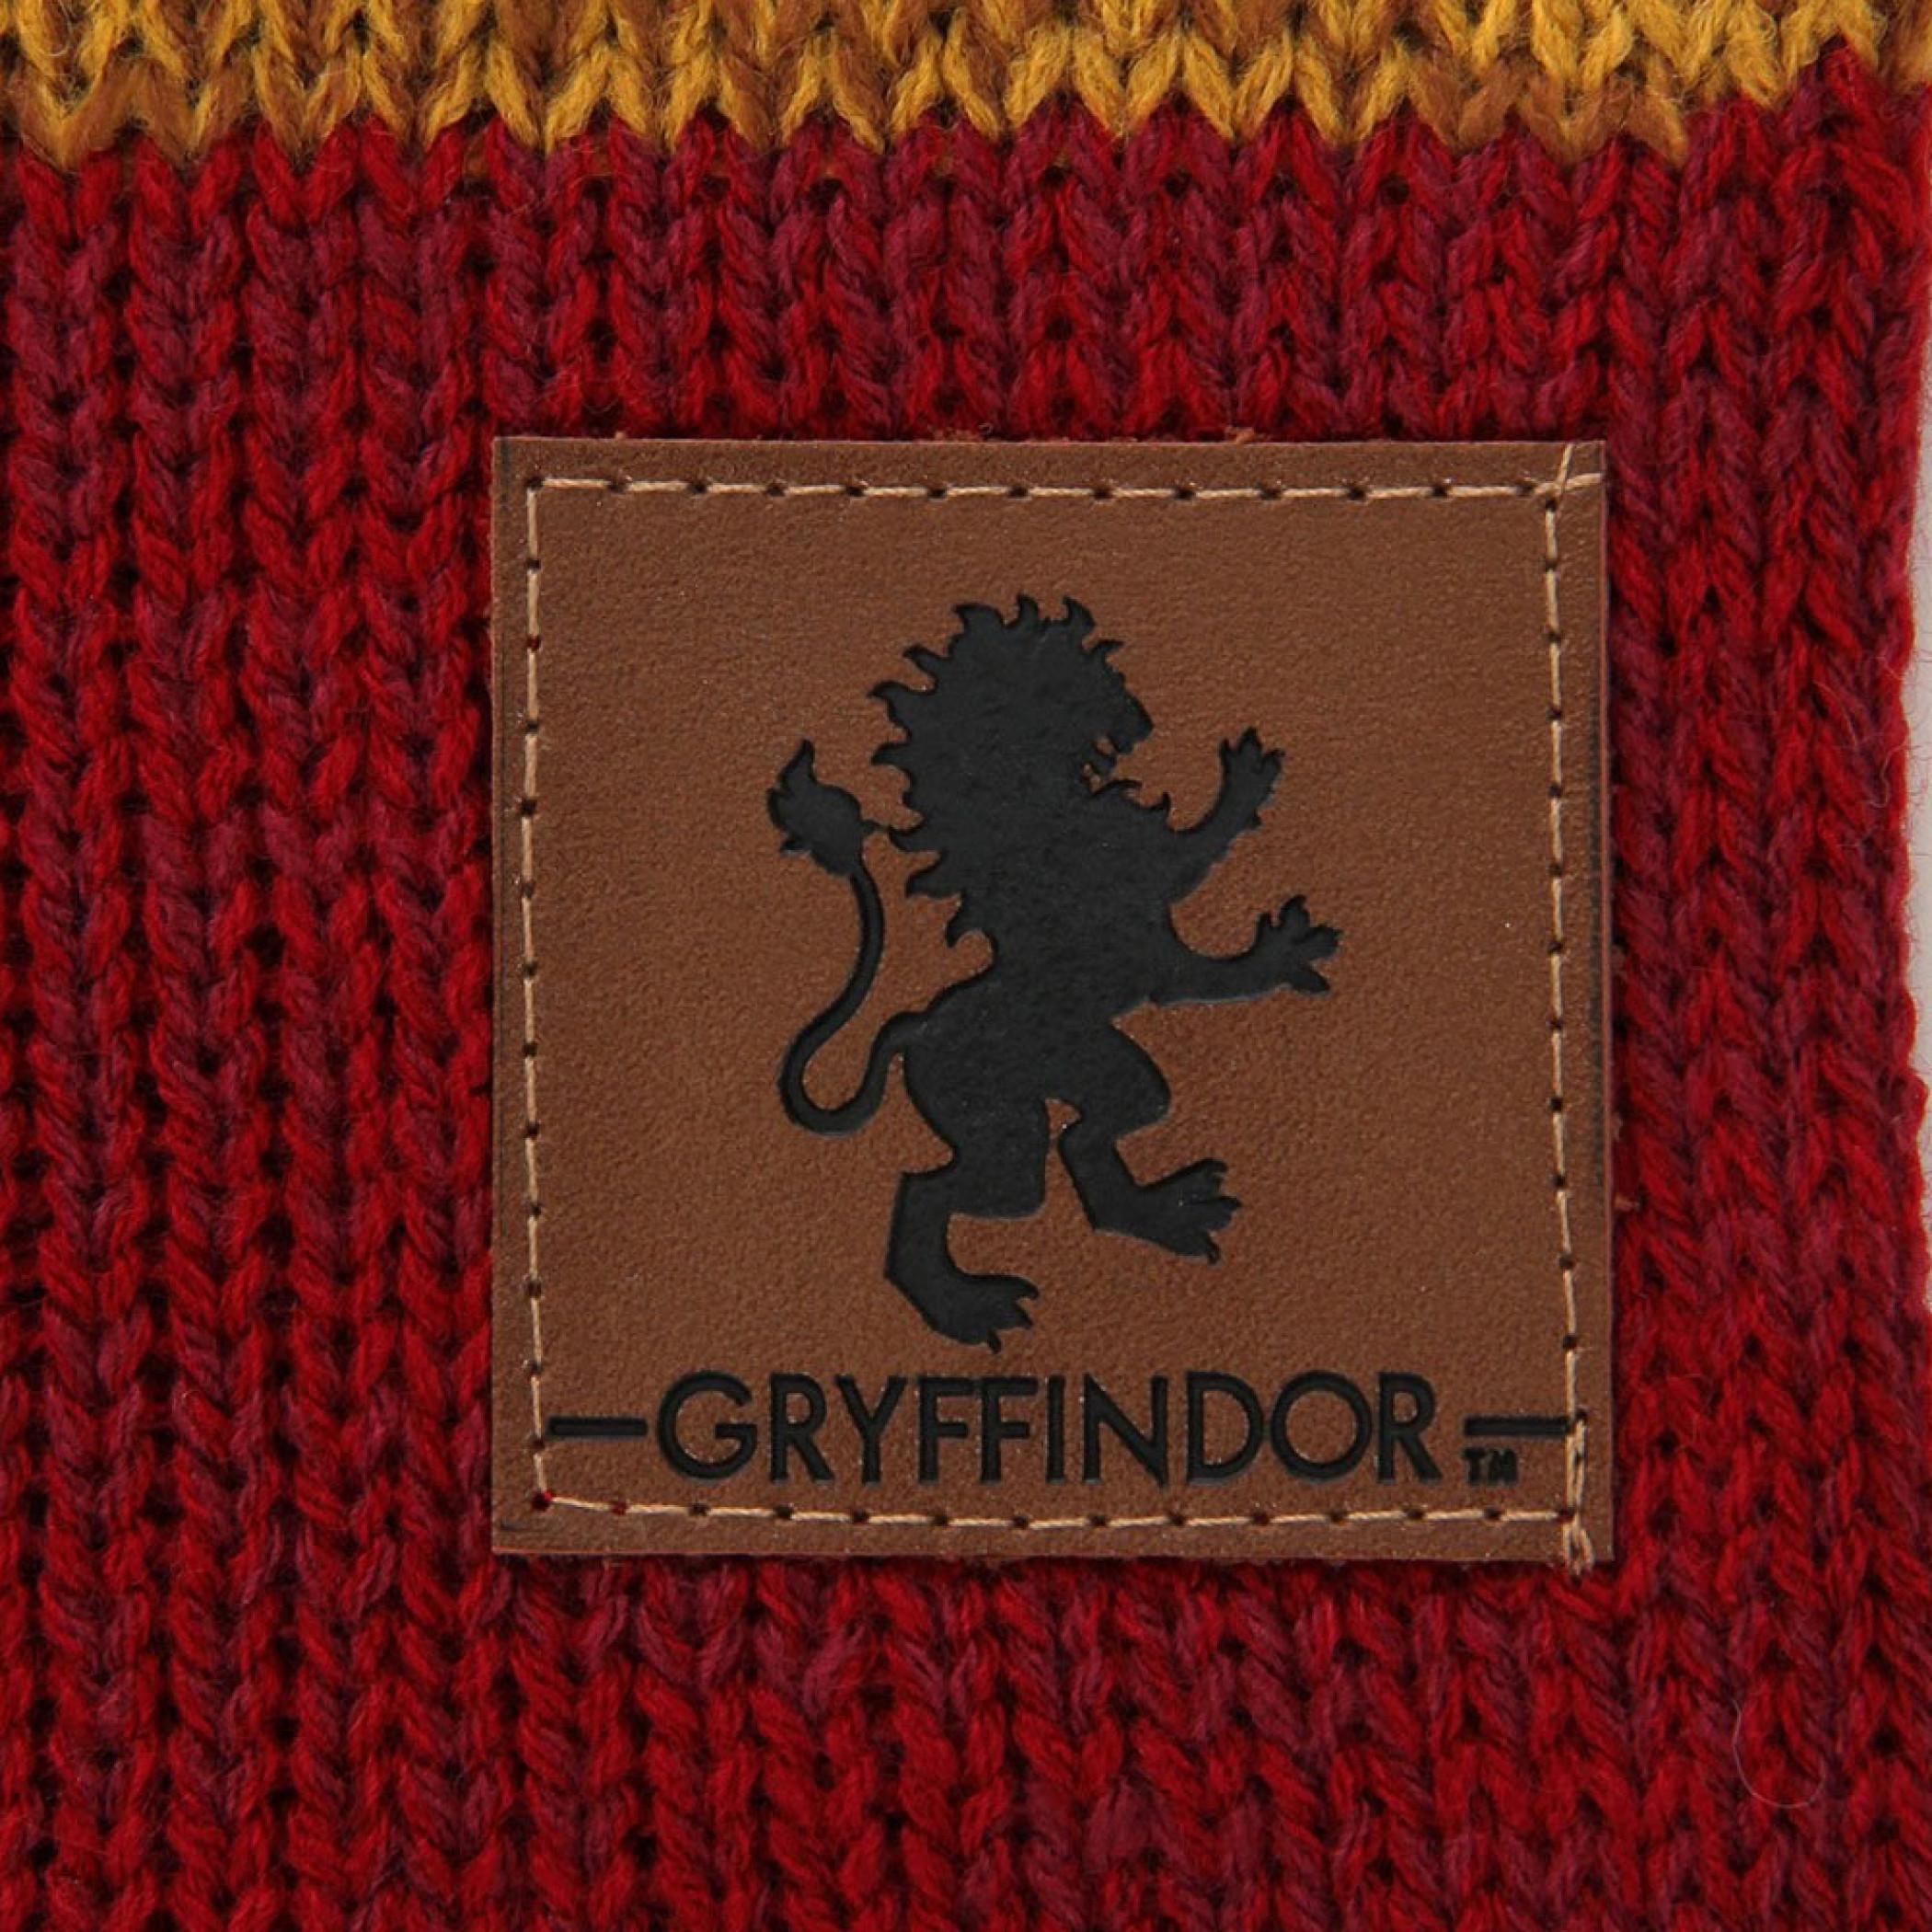 Harry Potter Gryffindor Knit Scarf